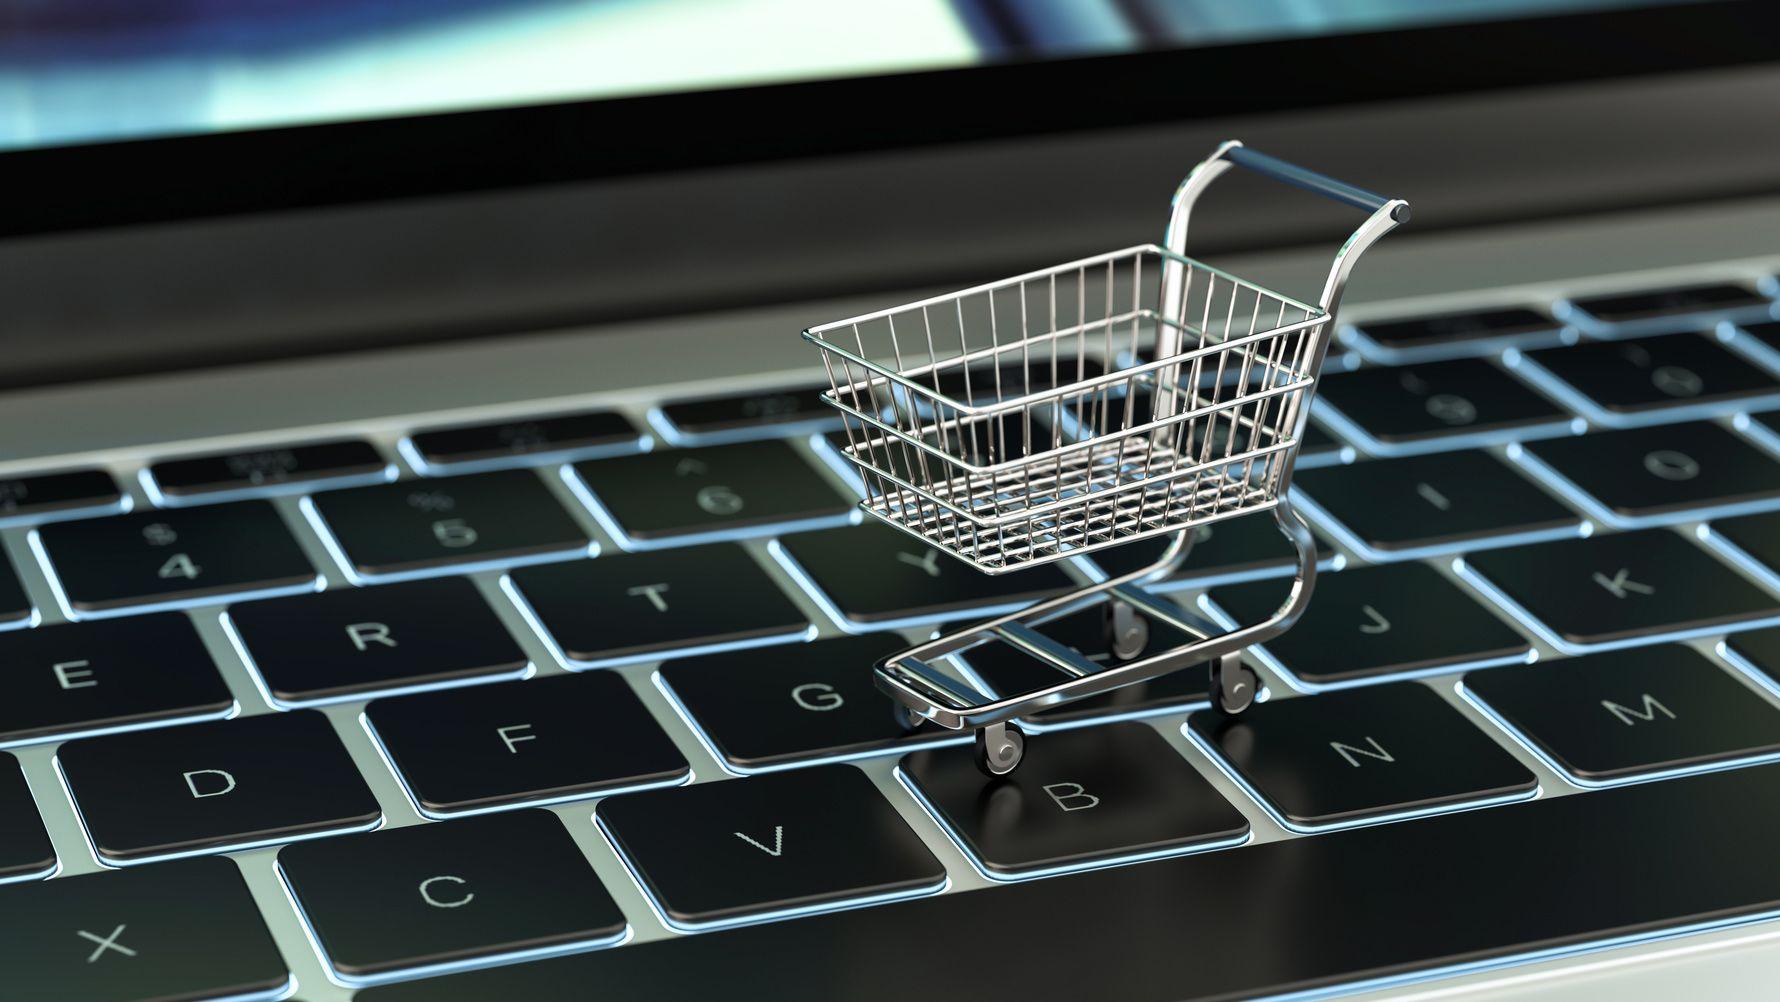 Dieses Buch präsentiert Entwicklungen und Zukunftstrends im E-Commerce, der durch die neuen digitalen Kommunikations- und Konsummuster der Kunden geprägt ist. Gerrit Heinemann beleuchtet E-Commerce-Geschäftsmodelle, Kanalexzellenz sowie Erfolgsfaktoren wie digitale Zeitvorteile und.